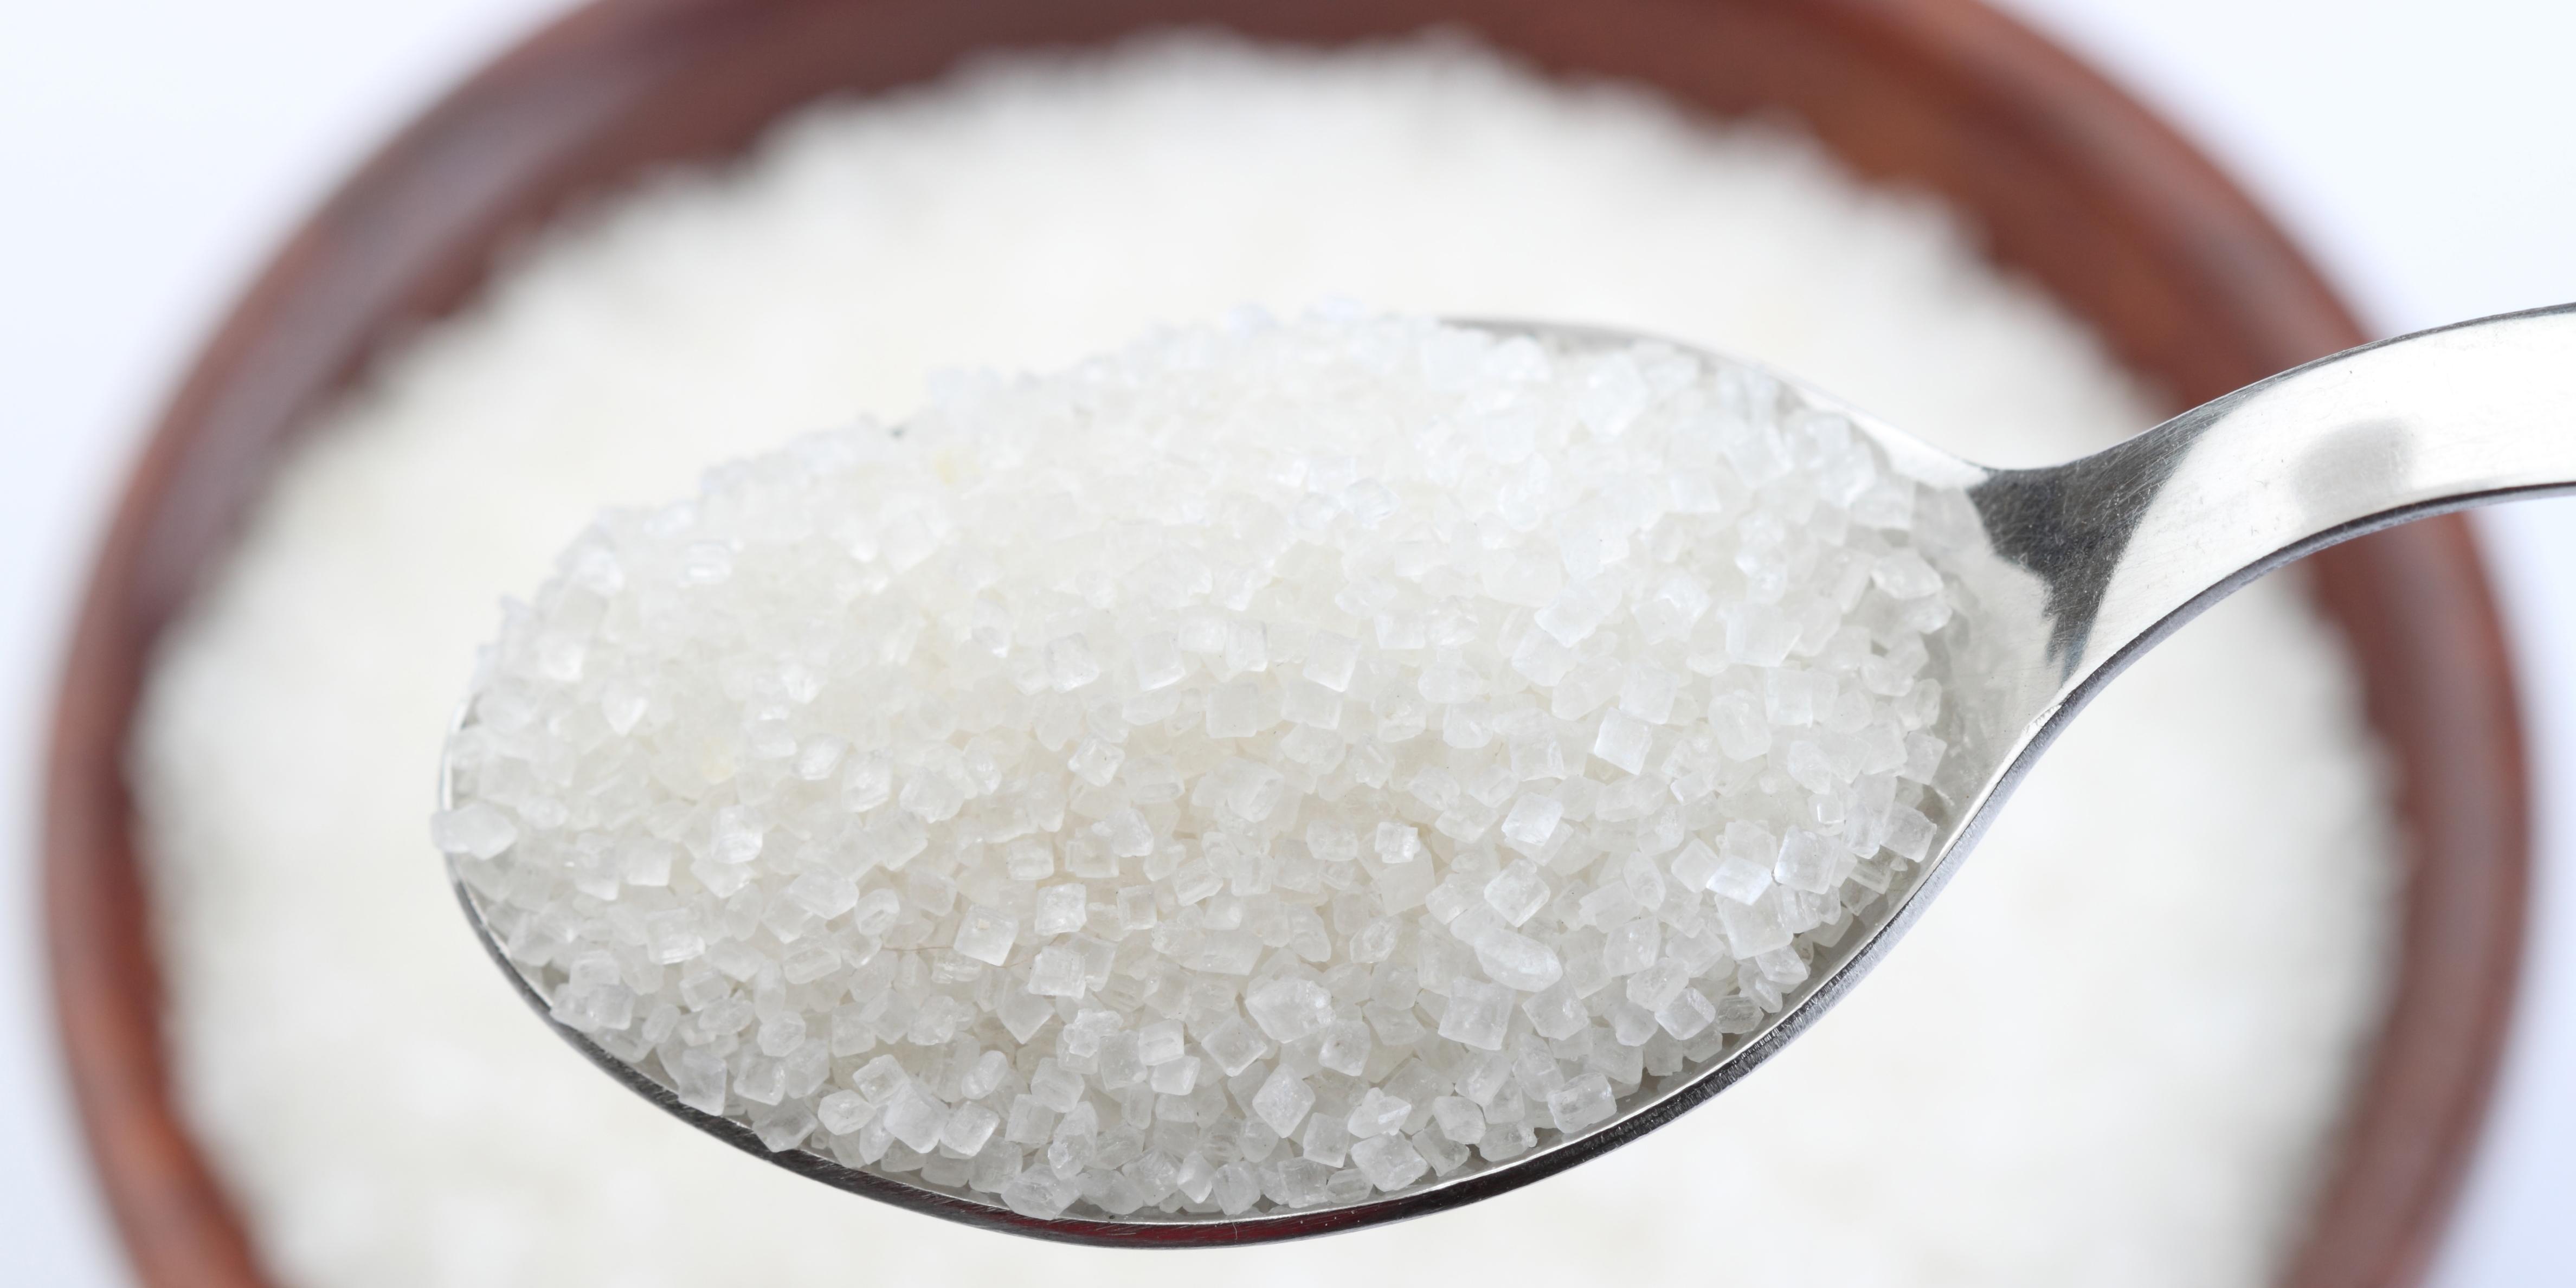 واردات شکر منتفی شد/ قیمتهای متعادل بازار واردات را کساد کرد